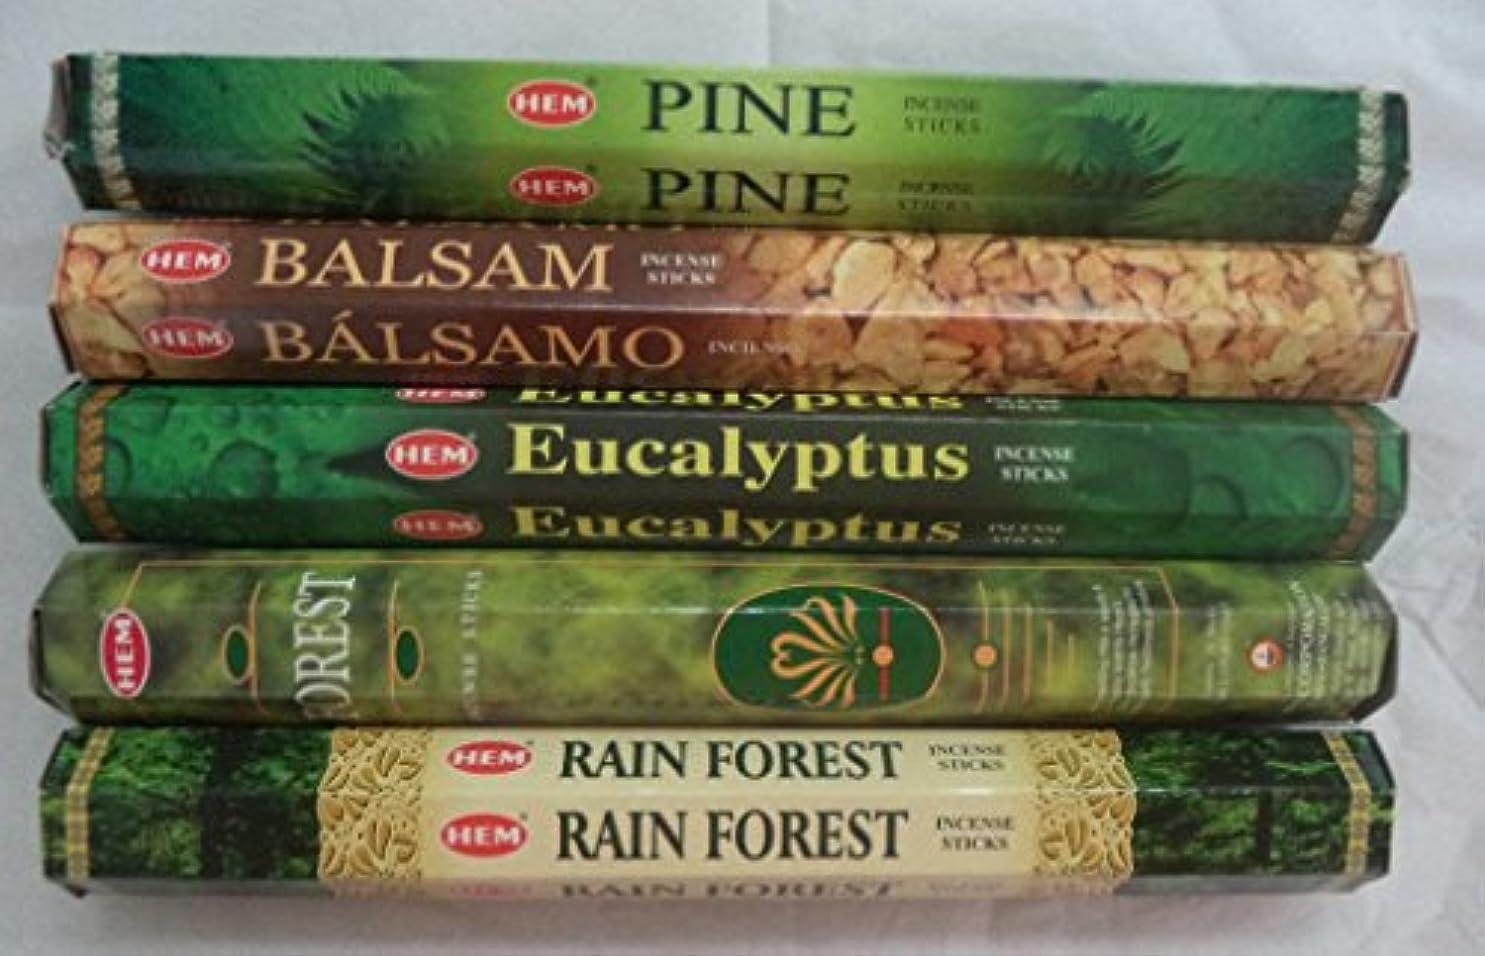 生態学レッスン電極Hemお香Pine Balsamユーカリフォレスト最初雨5 x 20、100 Sticks